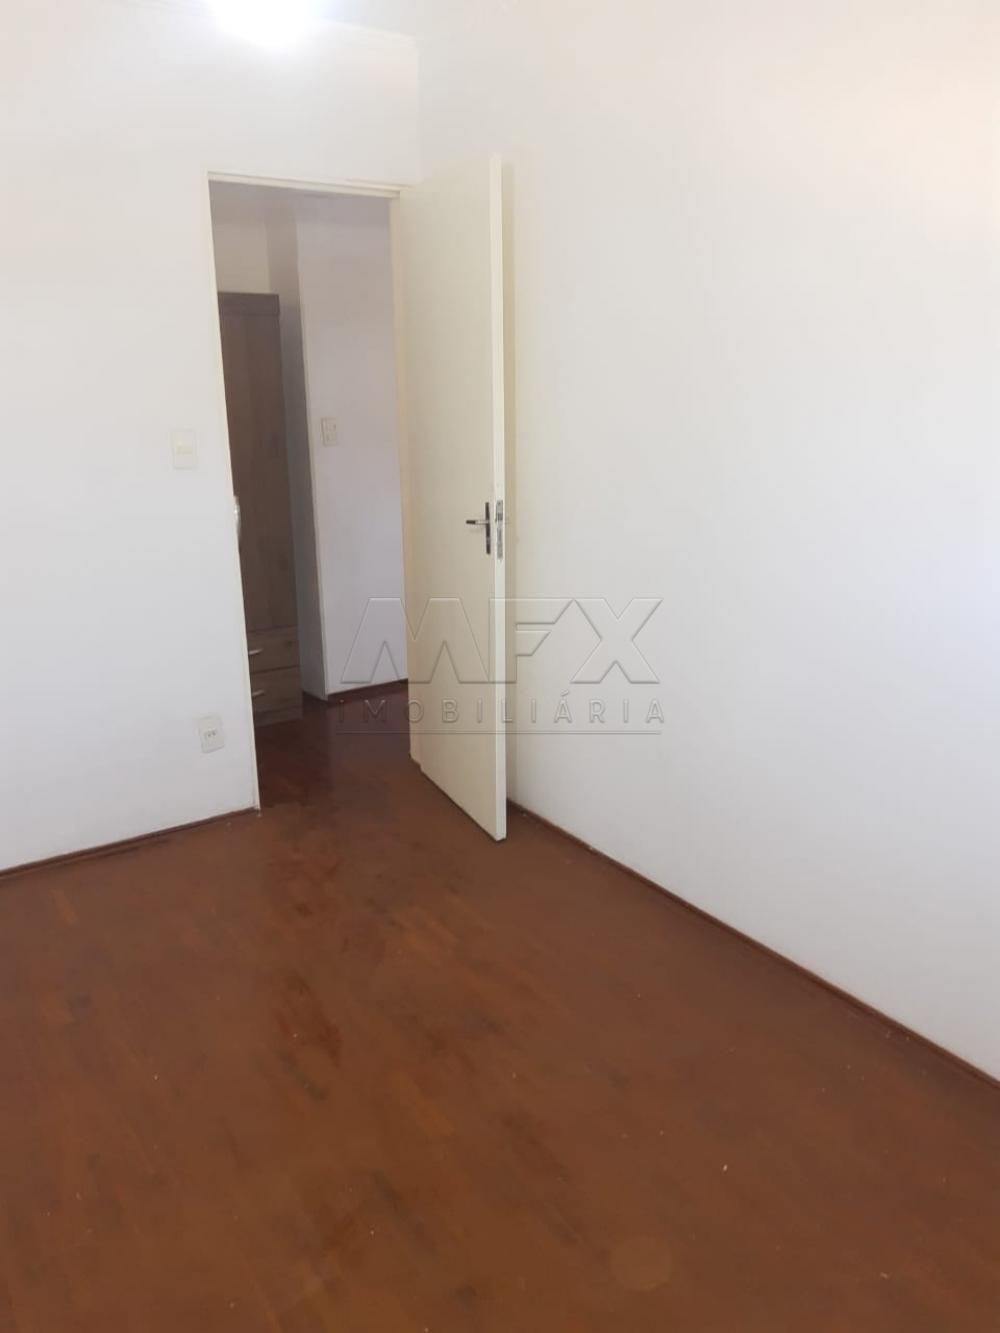 Comprar Apartamento / Padrão em Bauru R$ 154.000,00 - Foto 1